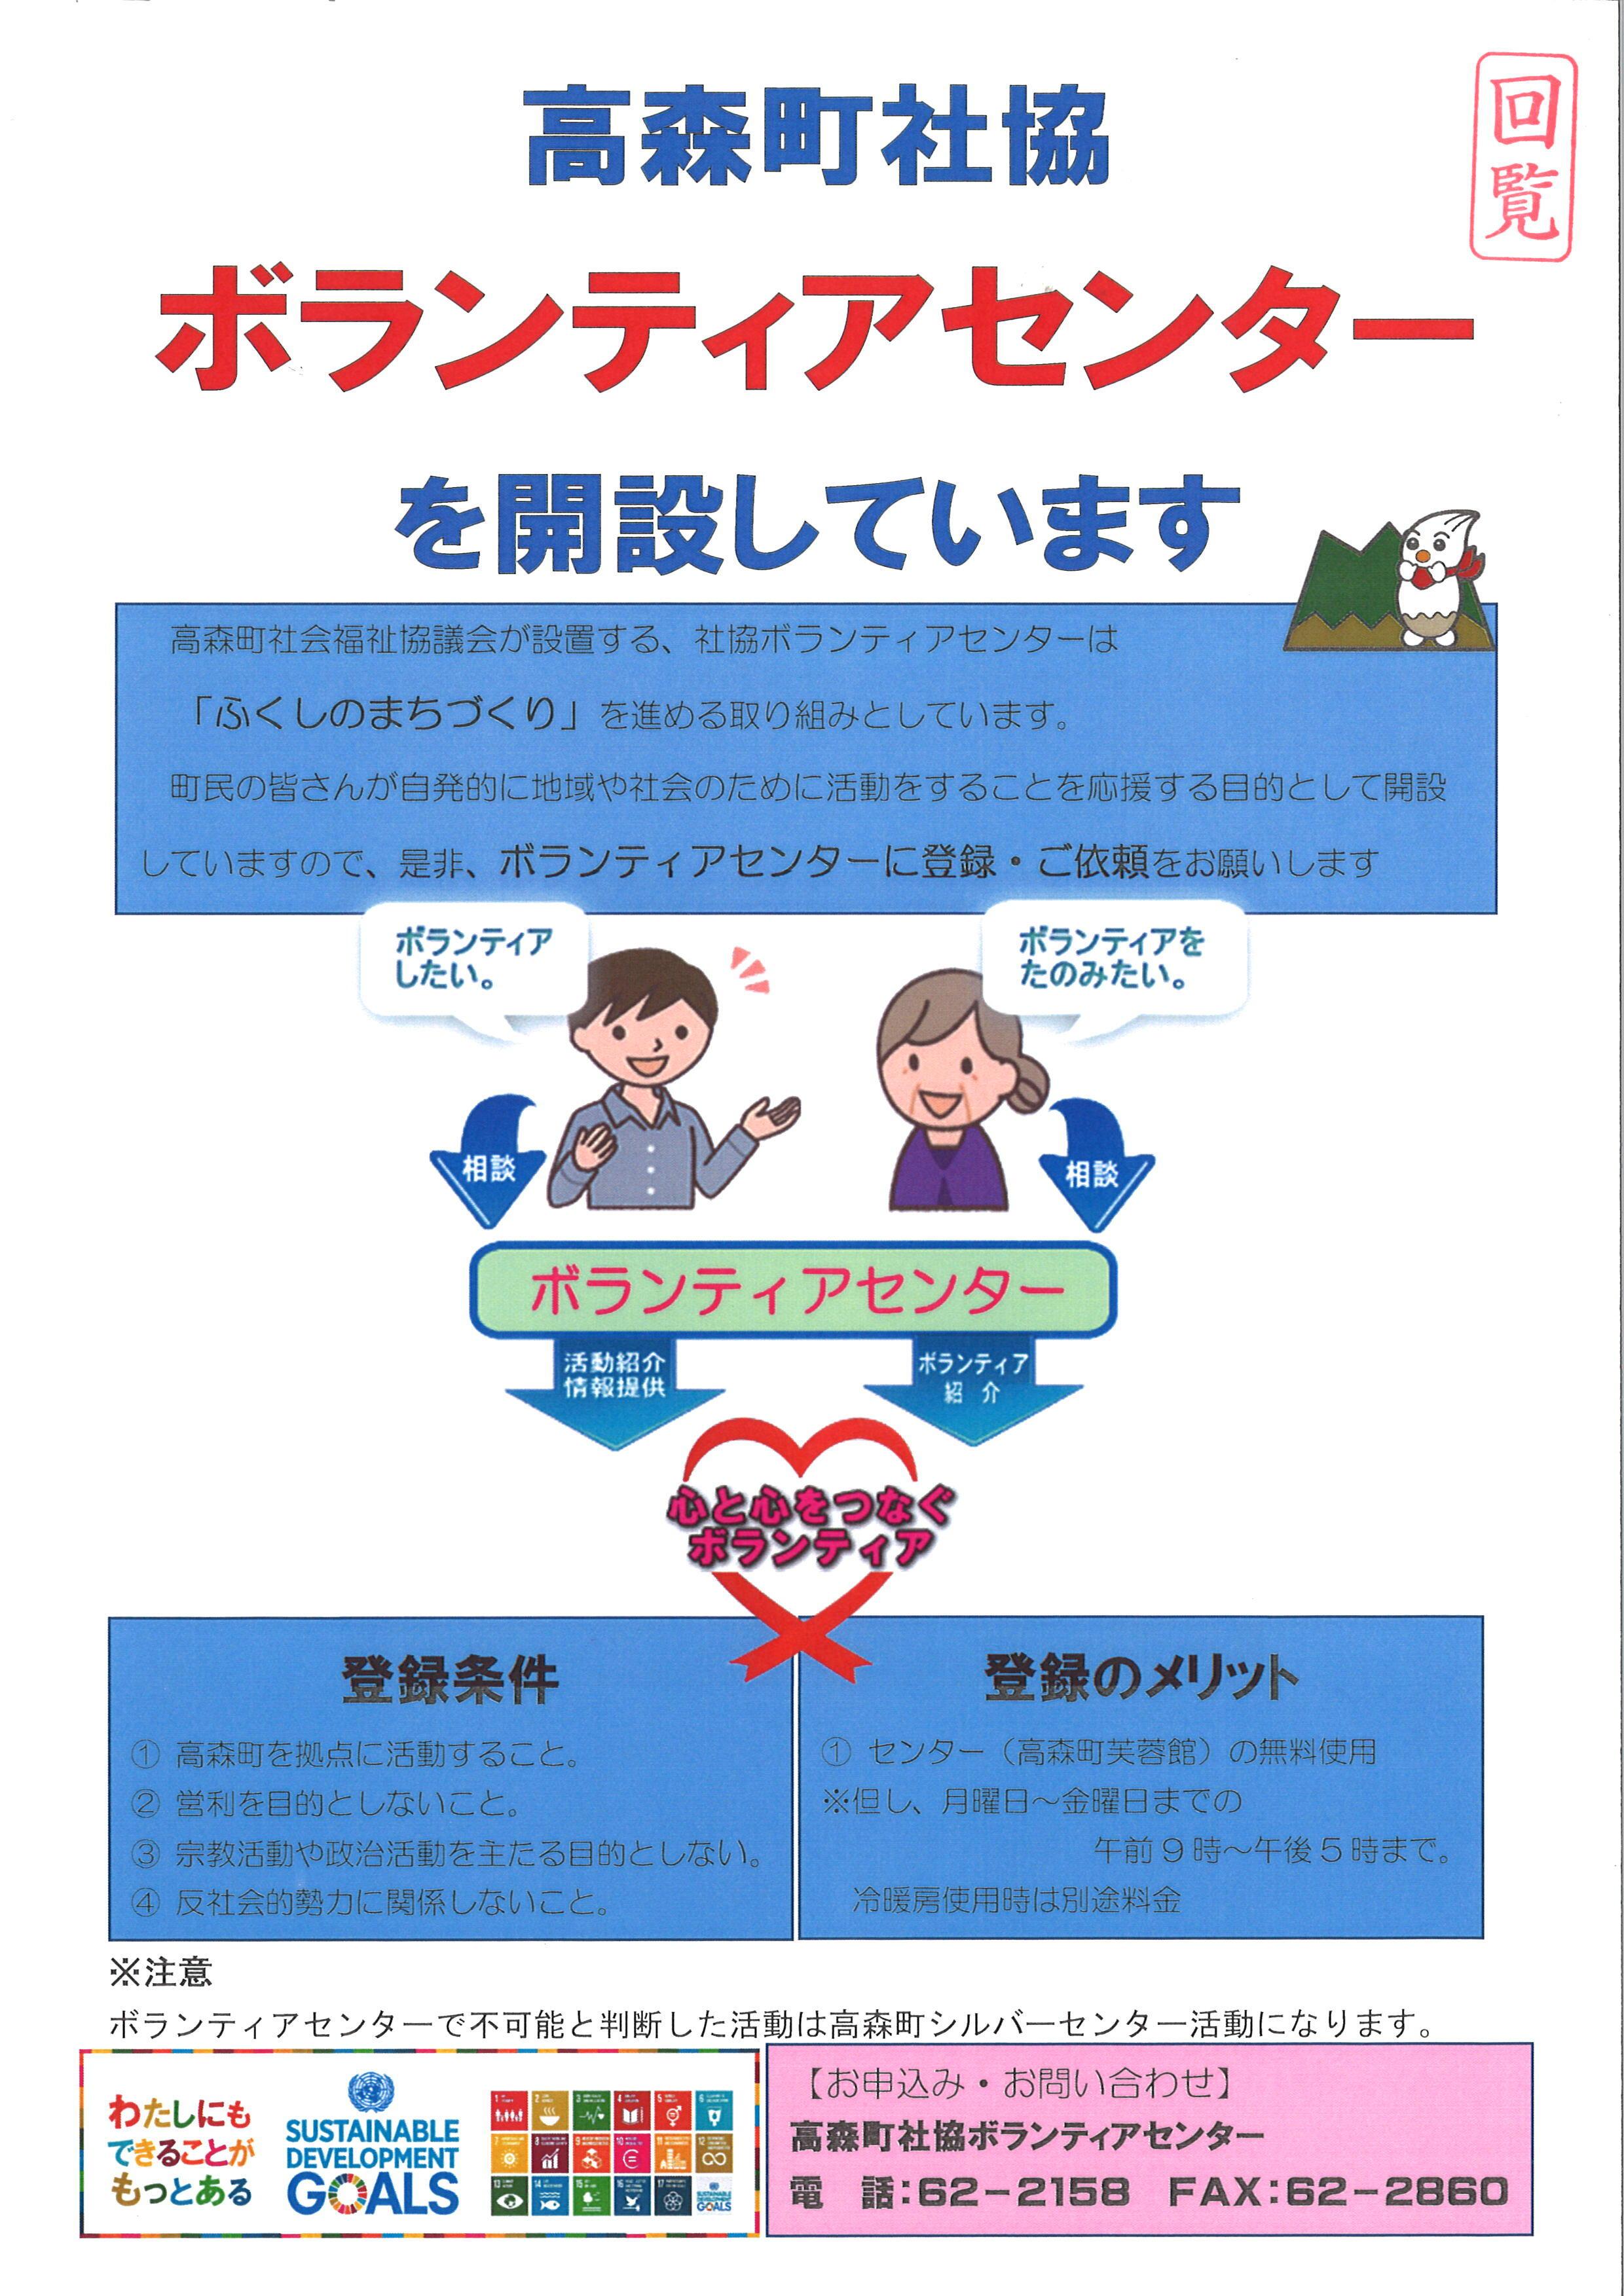 http://www.town.takamori.kumamoto.jp/chosha/somu/upload/f5e927733123fdb5f04f5573020c64da5d0402aa.jpg